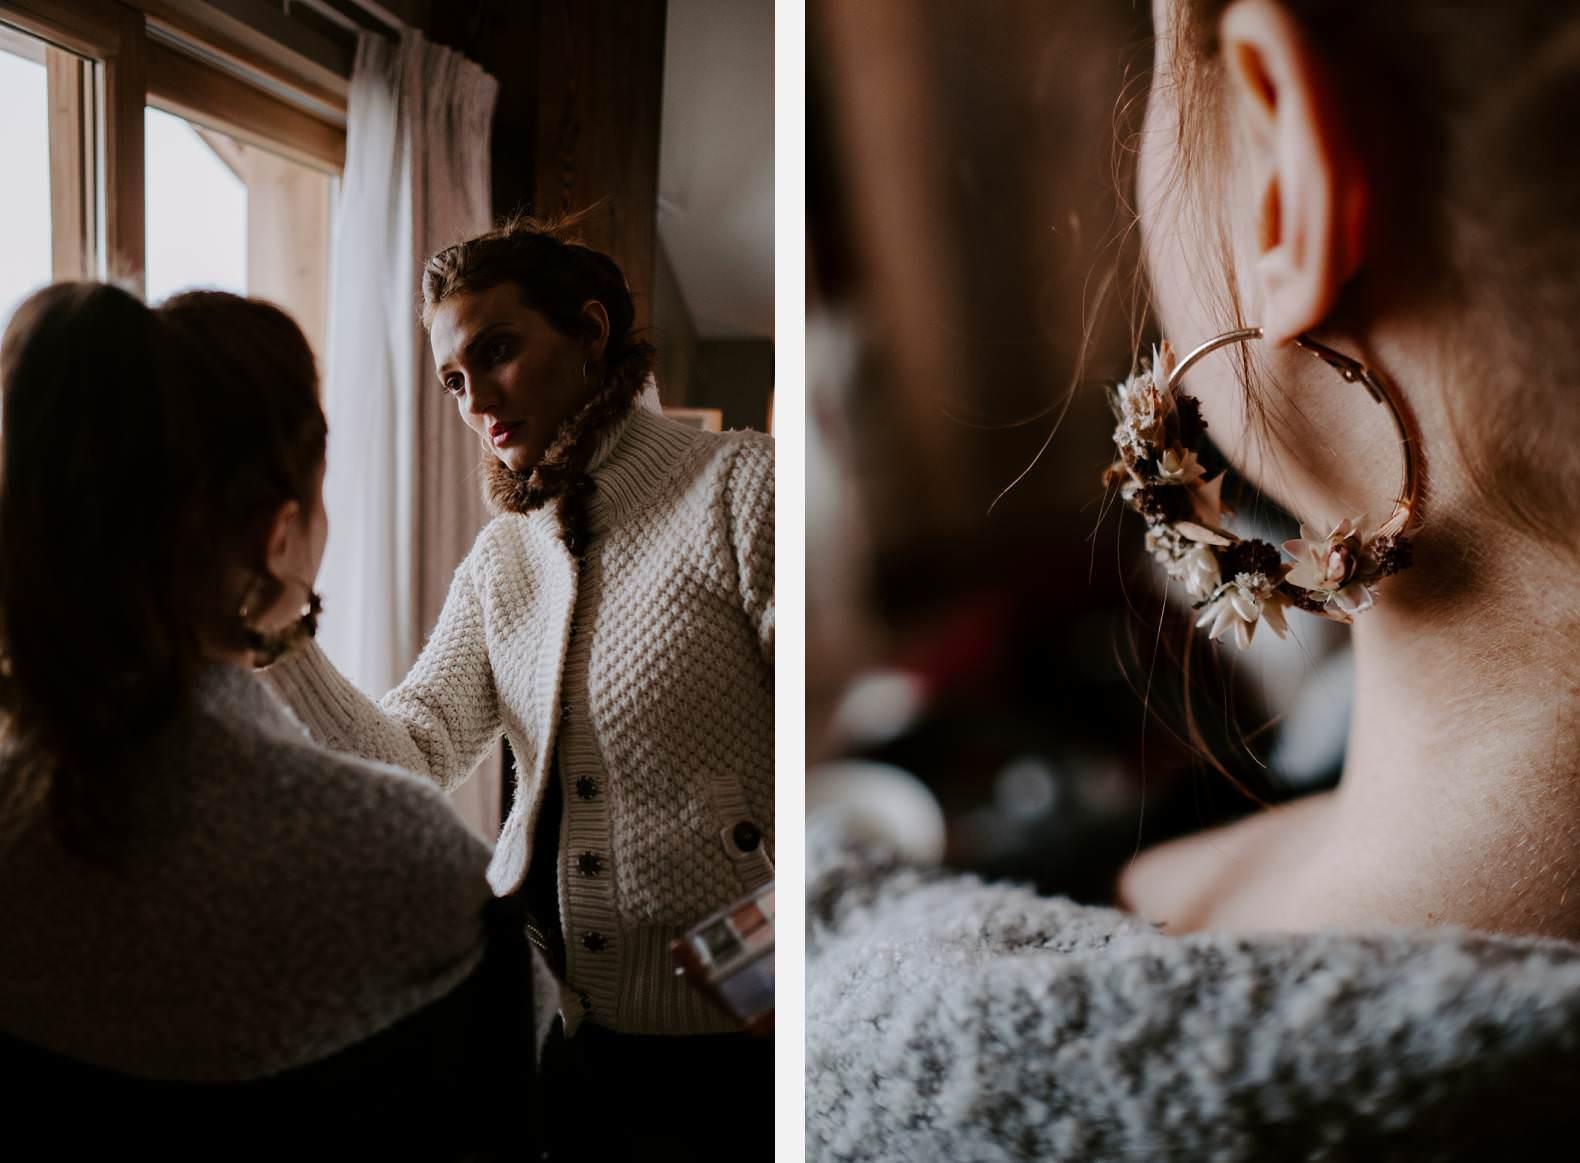 mariage hiver alpes huez isere hotel grandes rousses photographe bel esprit 0010